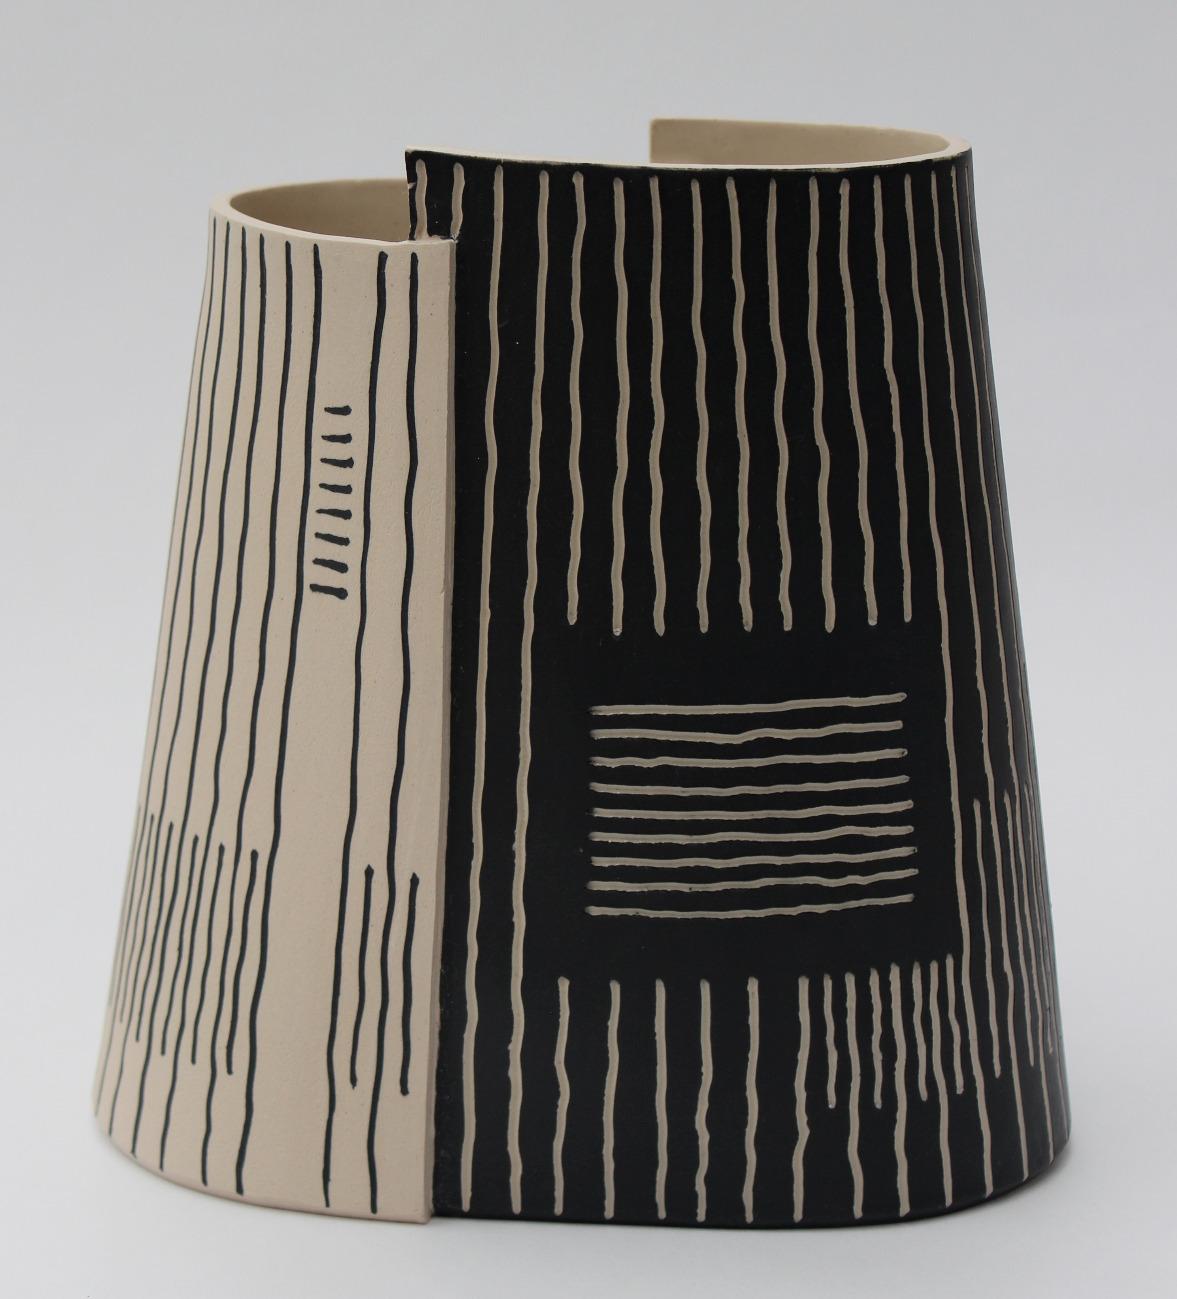 Binary Vase